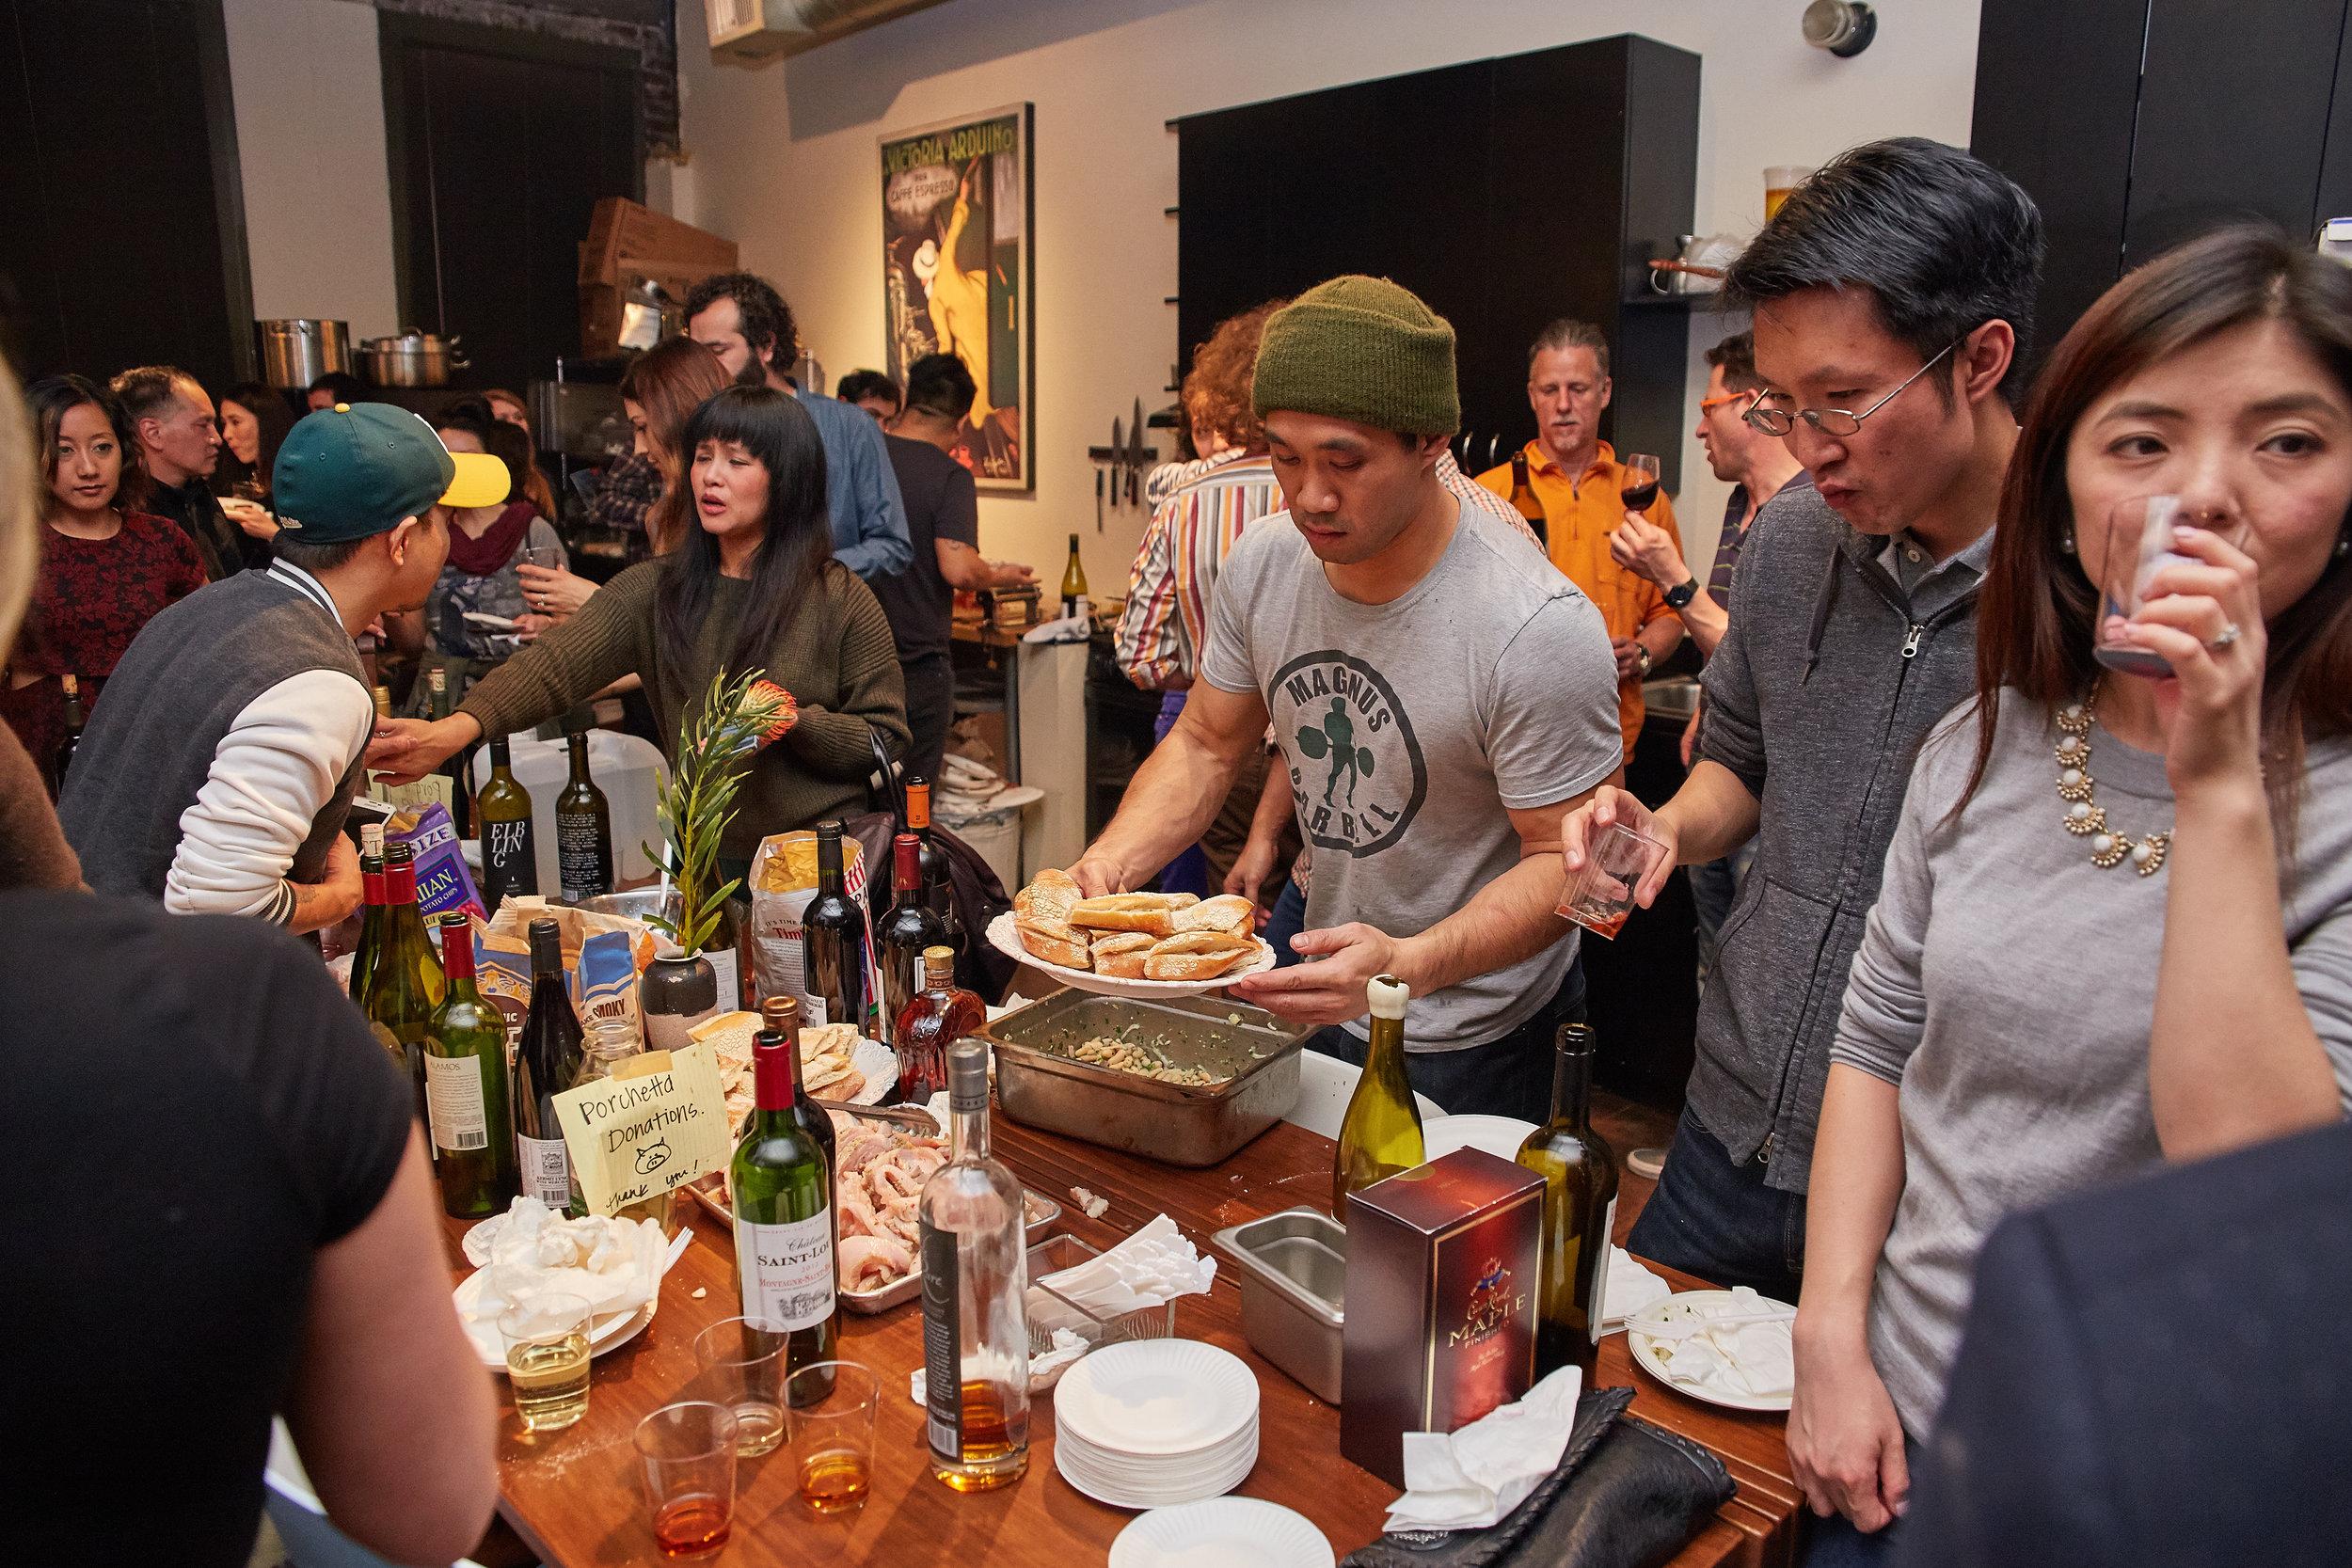 Porchetta-Party-III_16-03-06_21-25-27_MG_3398_©RyanTanaka2016.jpg